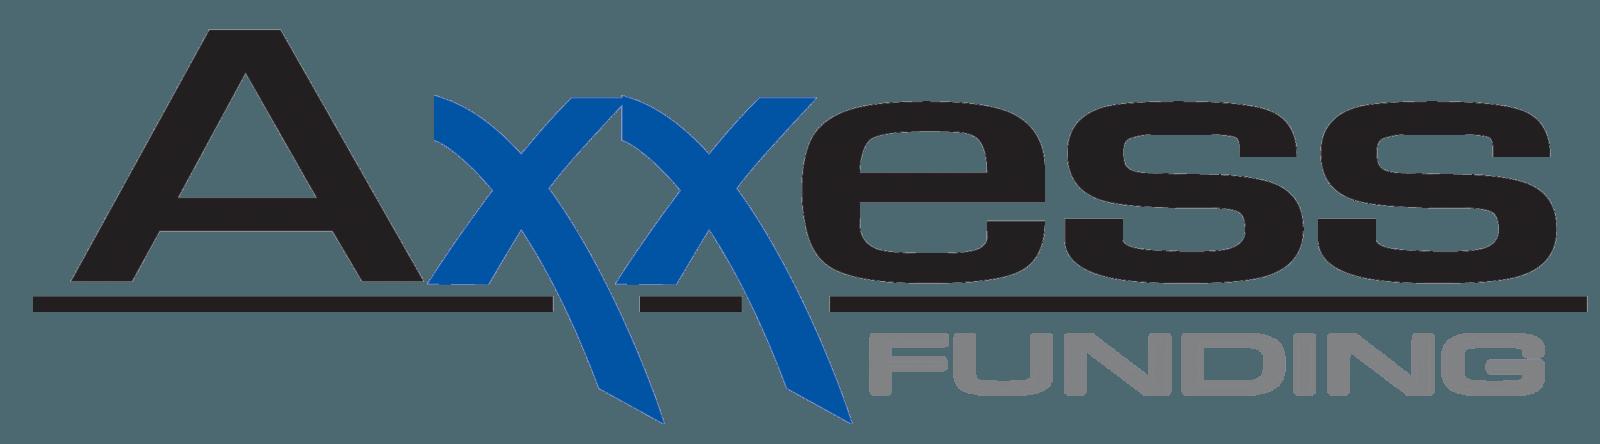 Axxess-funding-logo-transprent